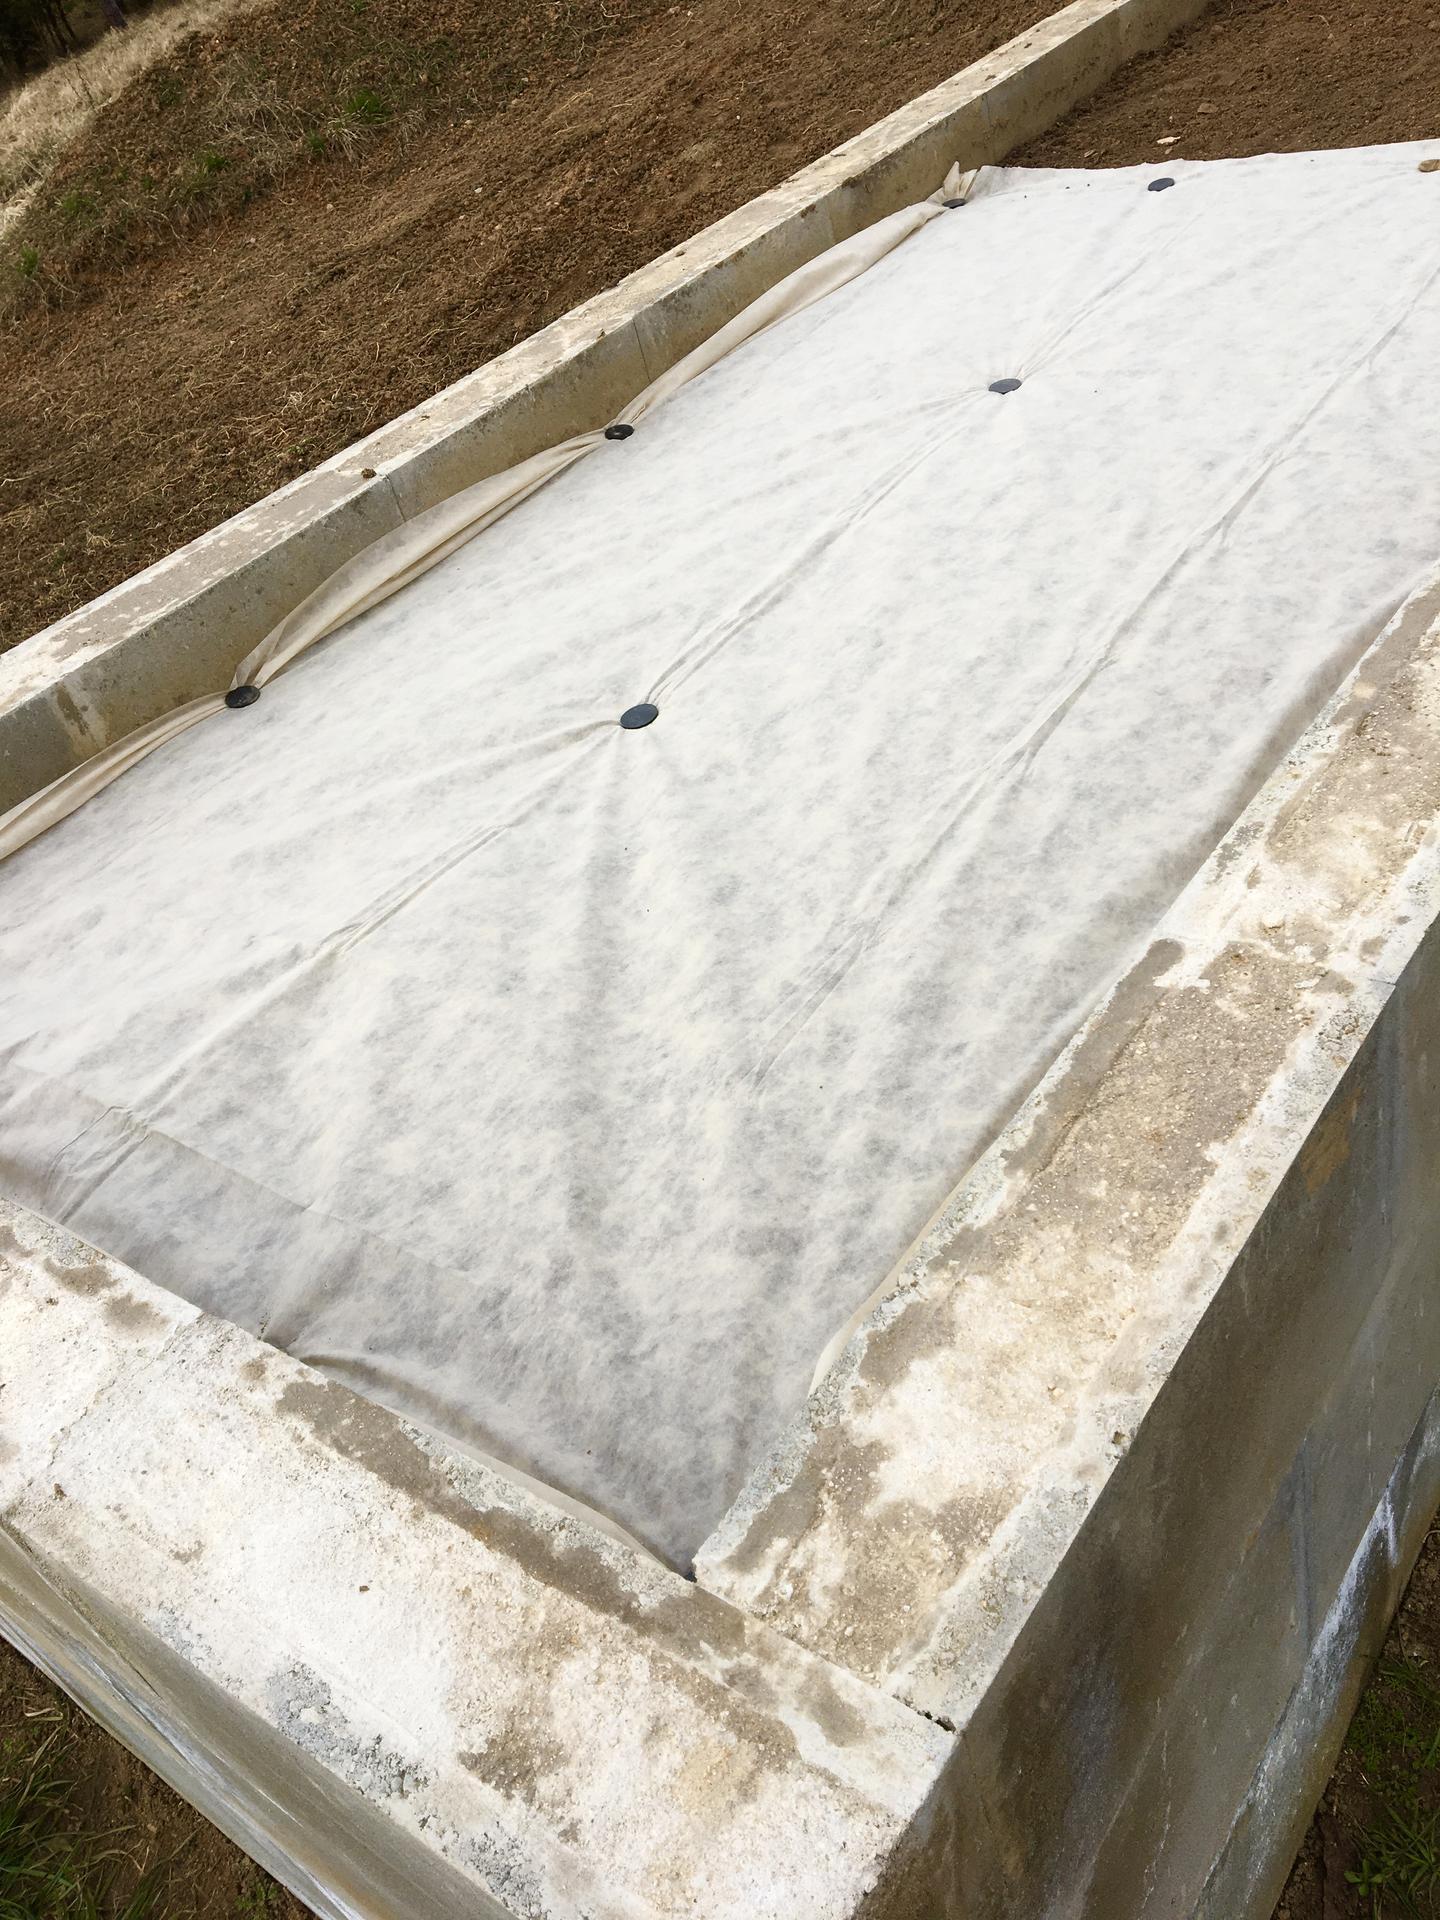 Skřítčí zahrada 2021 - Březen 2021 - zkouším brzké jarní výsevy (ředkvičky, saláty, mrkve a kedlubny) pod bílou netkanou textílii